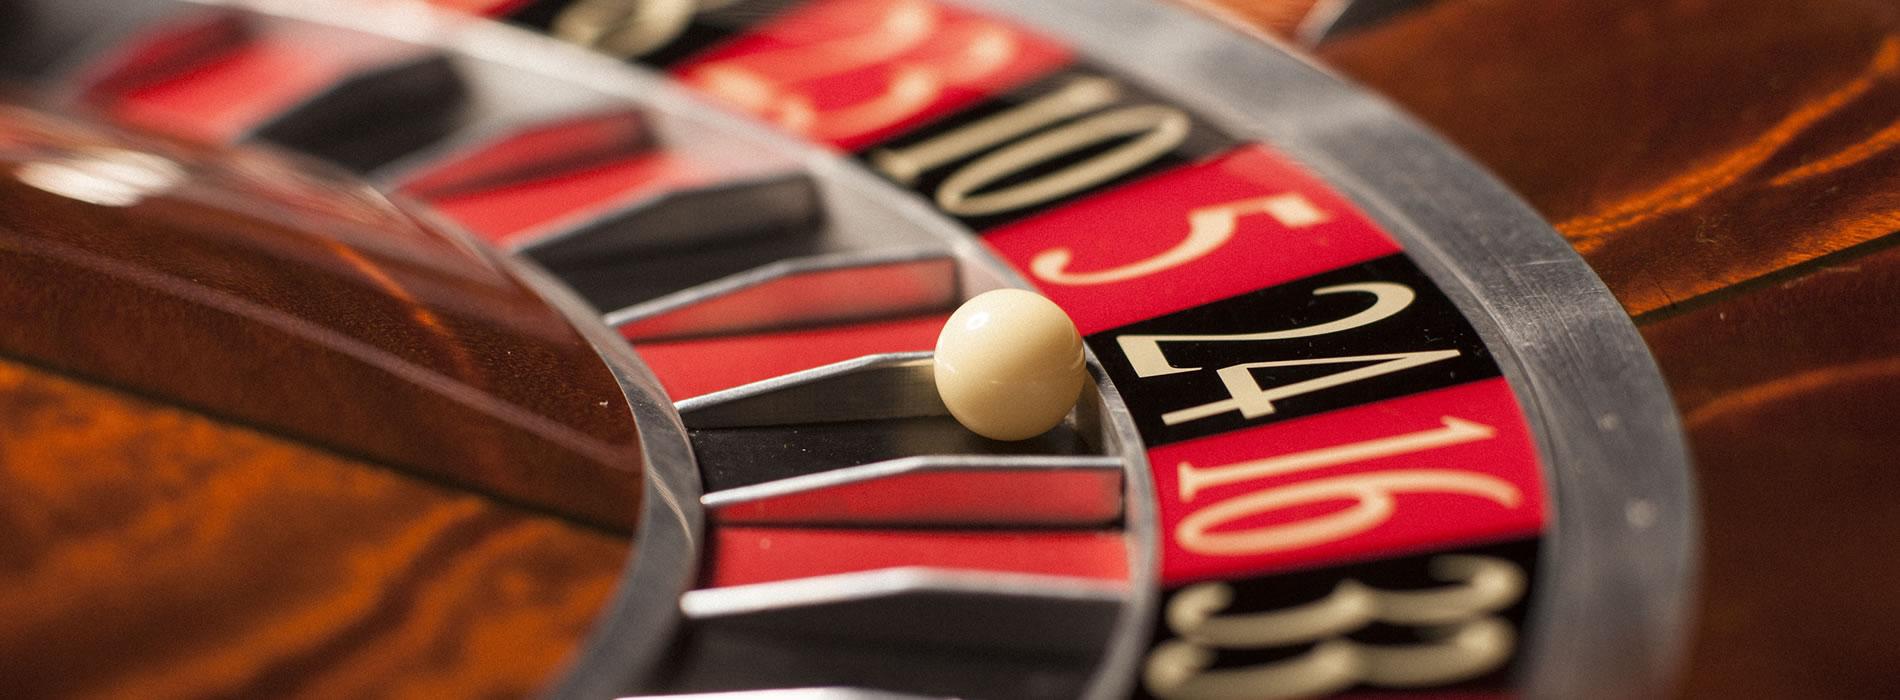 Gérer les dépôts pour les jeux casino